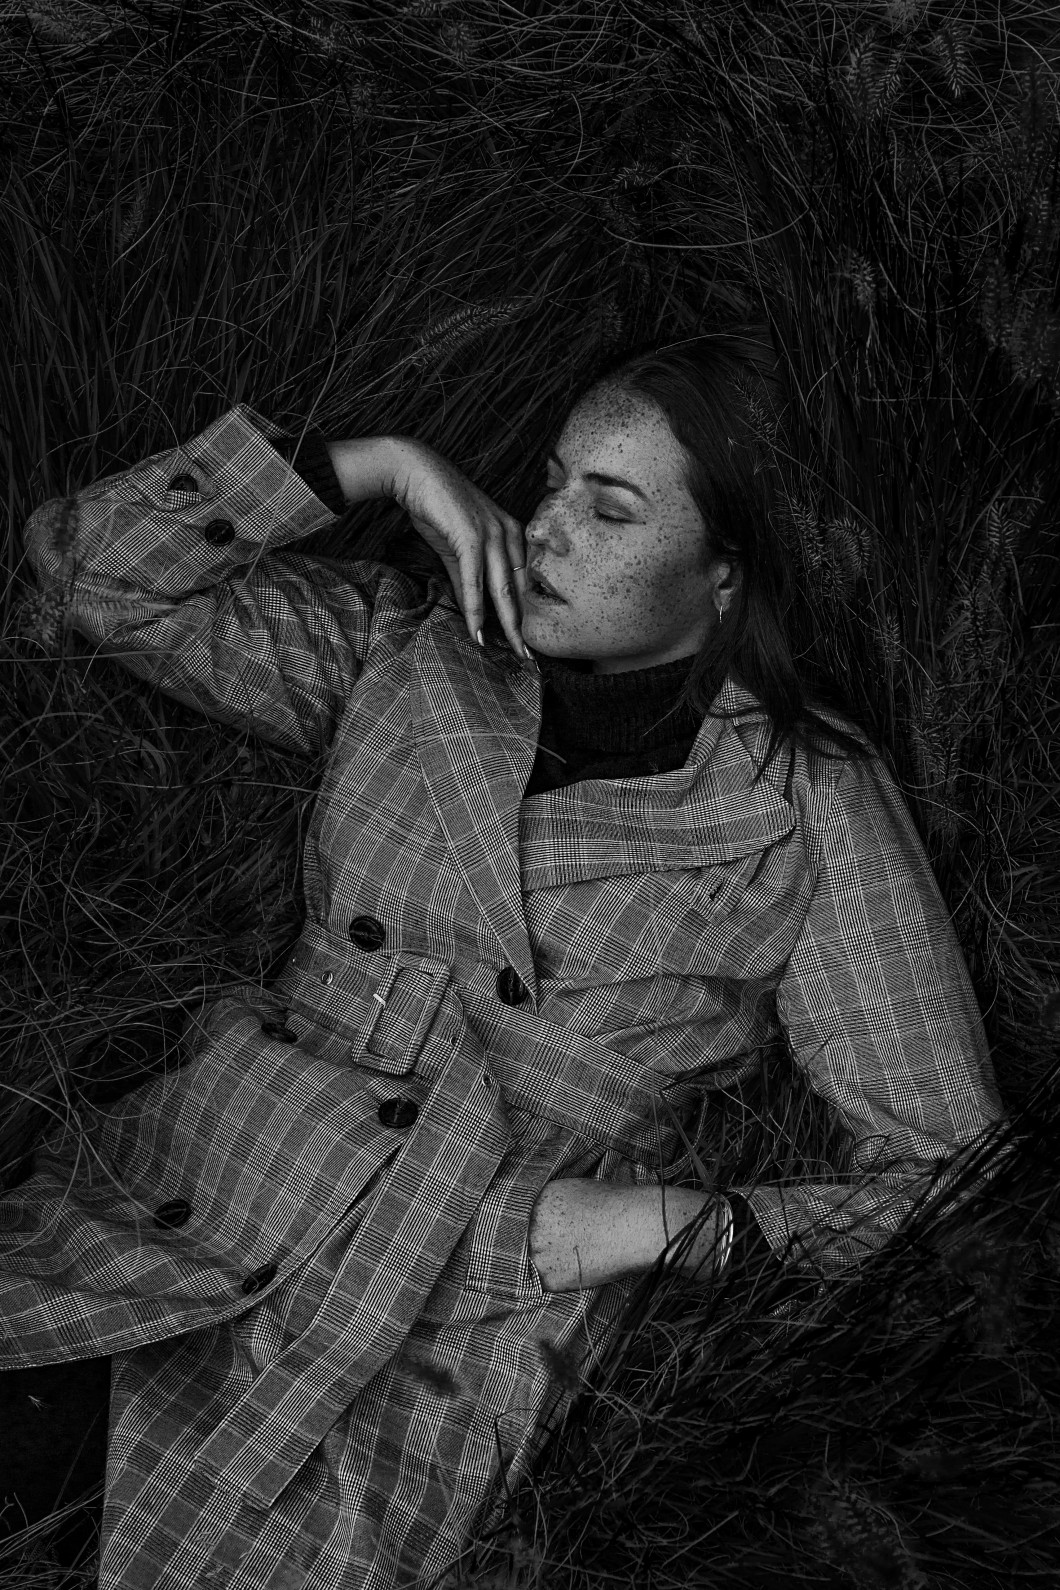 Black and white fashion shooting